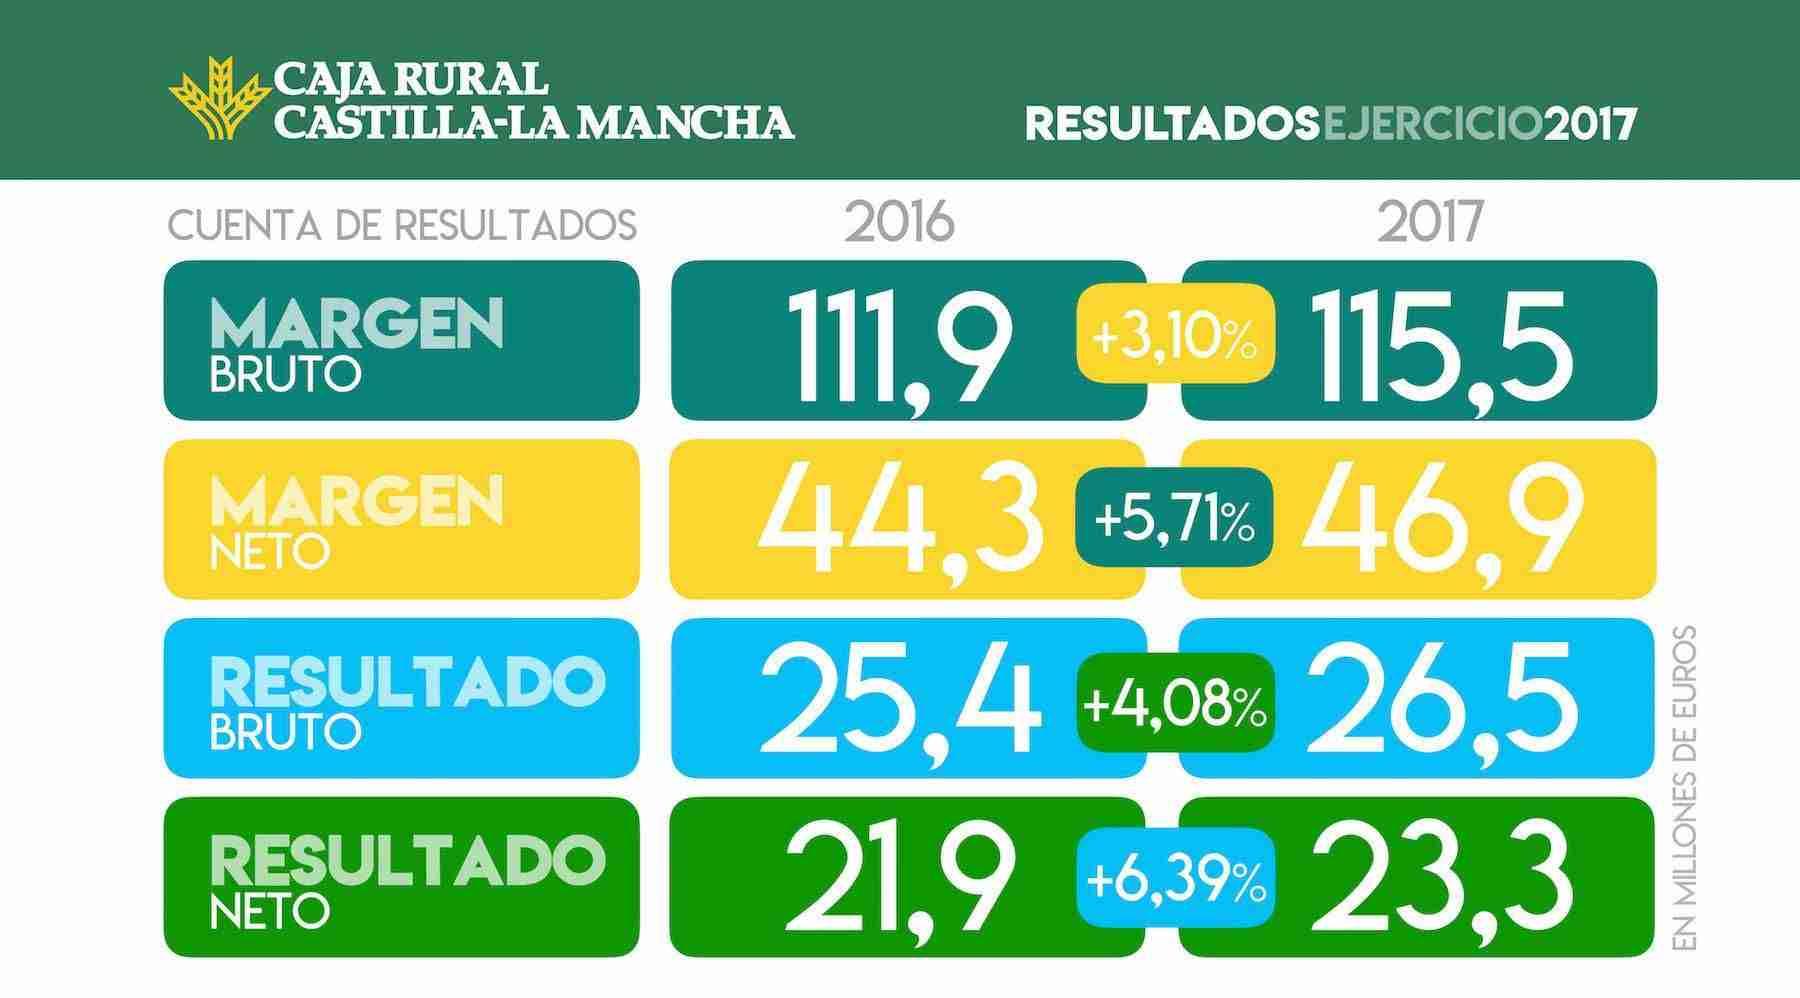 Caja Rural CLM mejora su resultado en 2017 y obtiene un beneficio de 26,5 millones 3